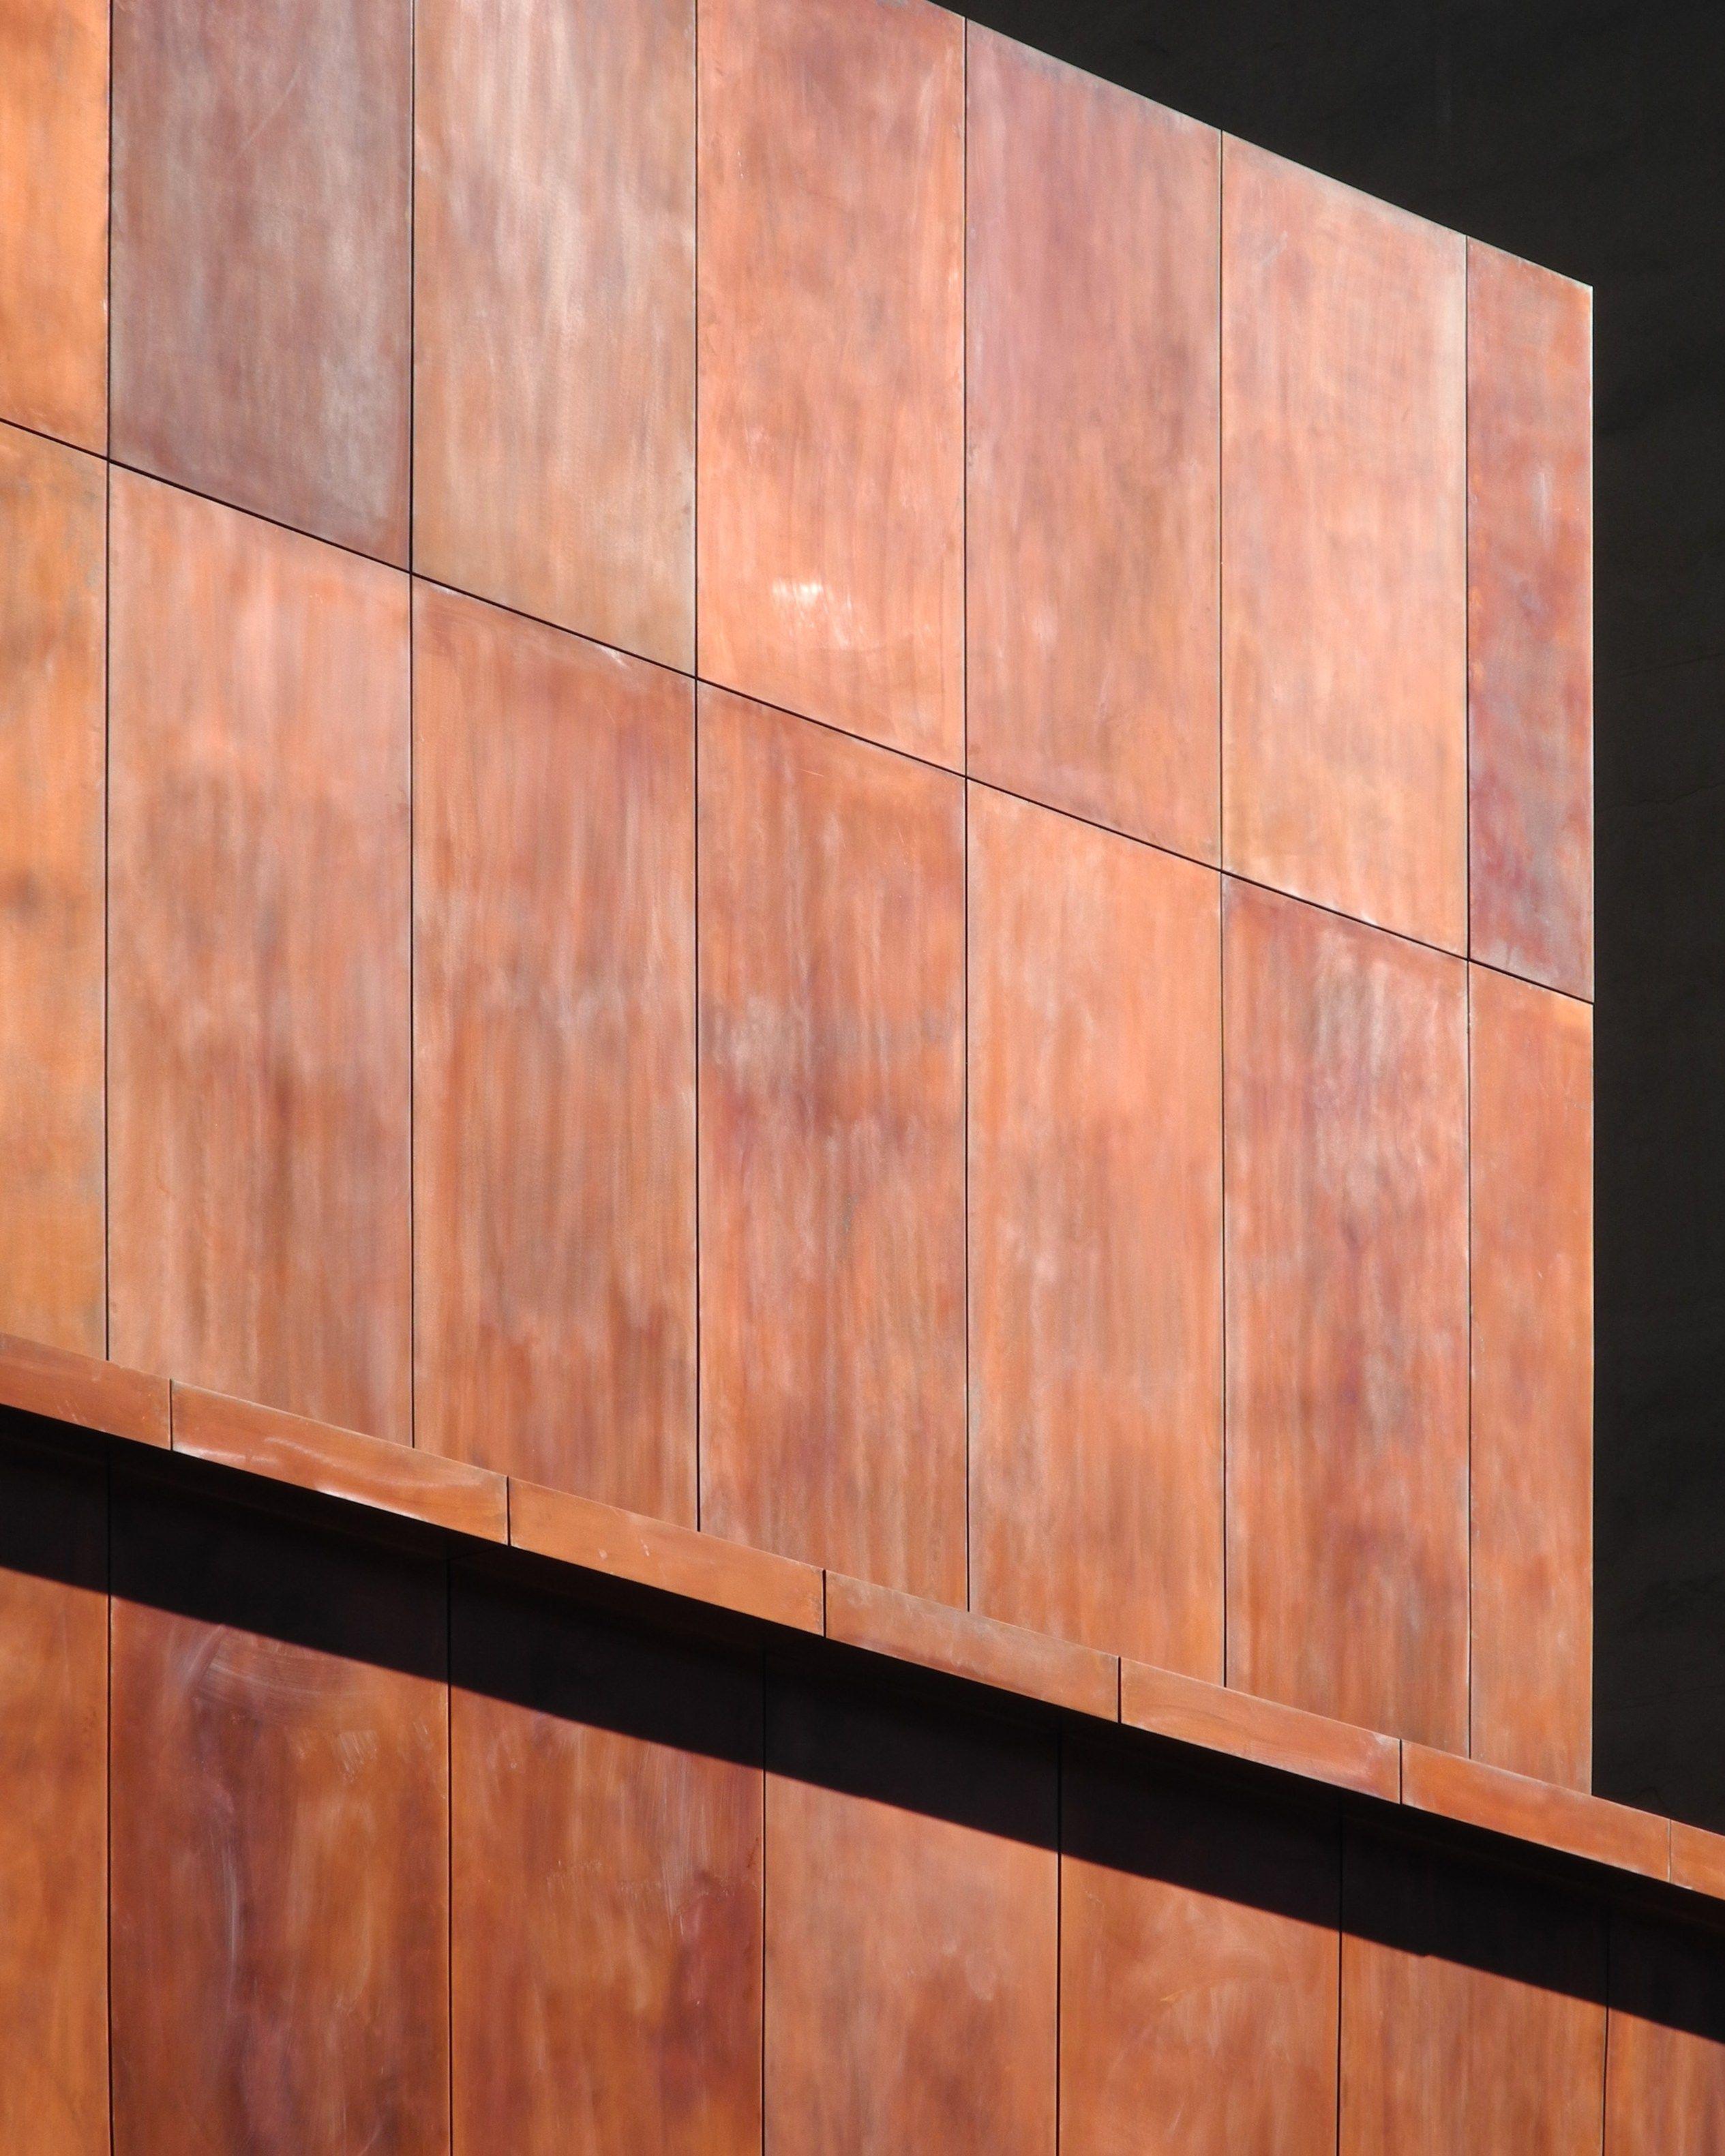 KME Architectural TECU® Design_brownished